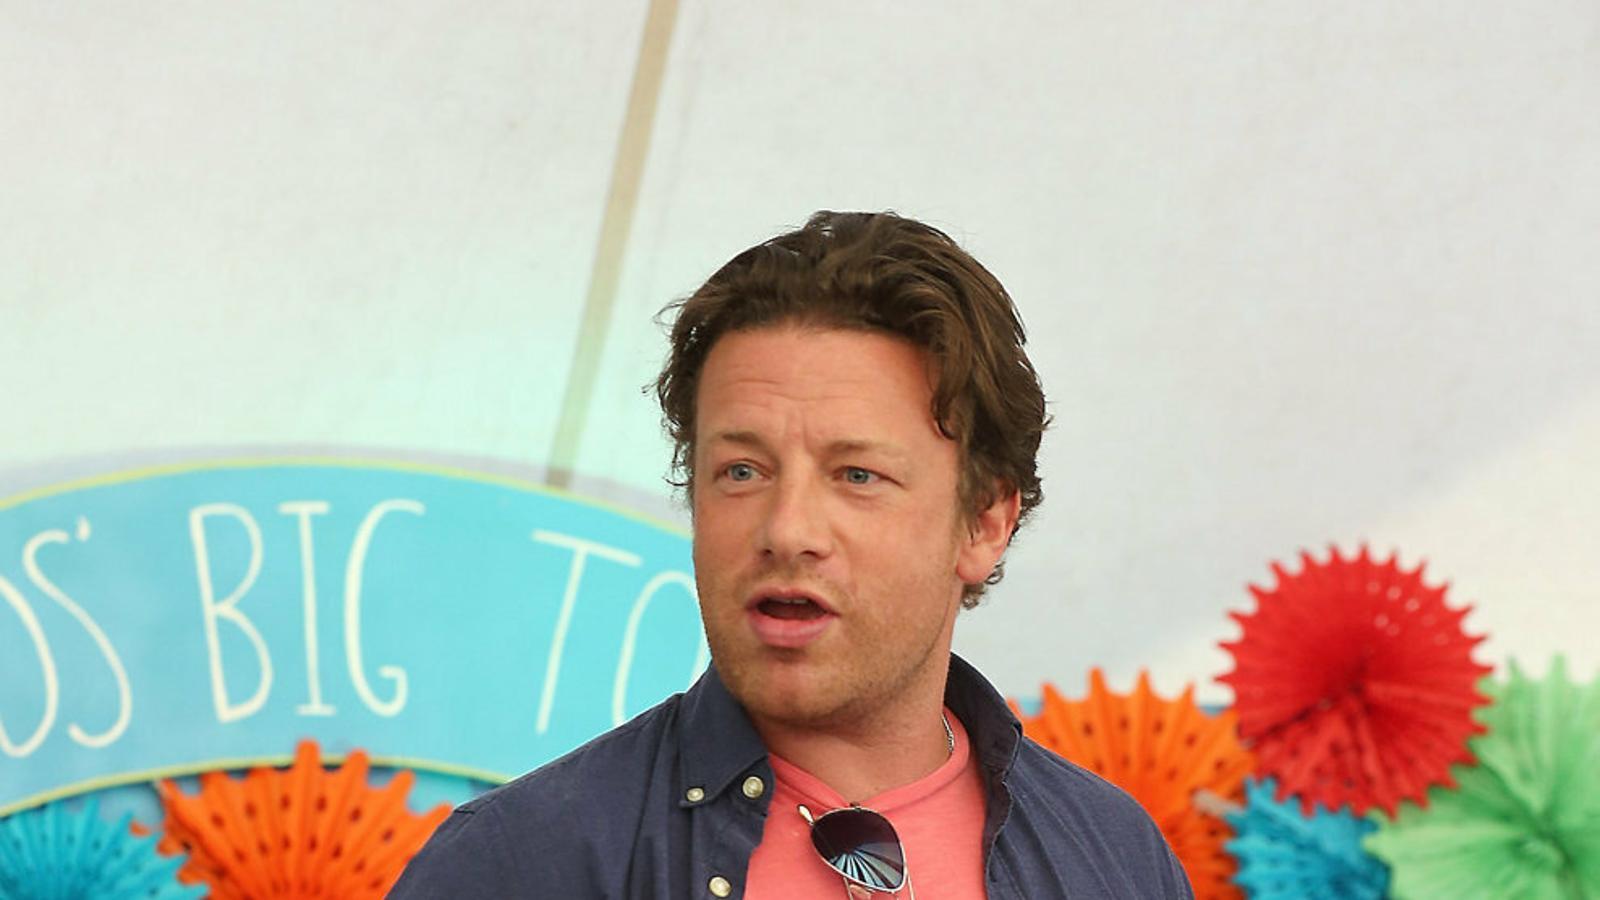 Jamie Oliver no remunta  i perd els restaurants britànics